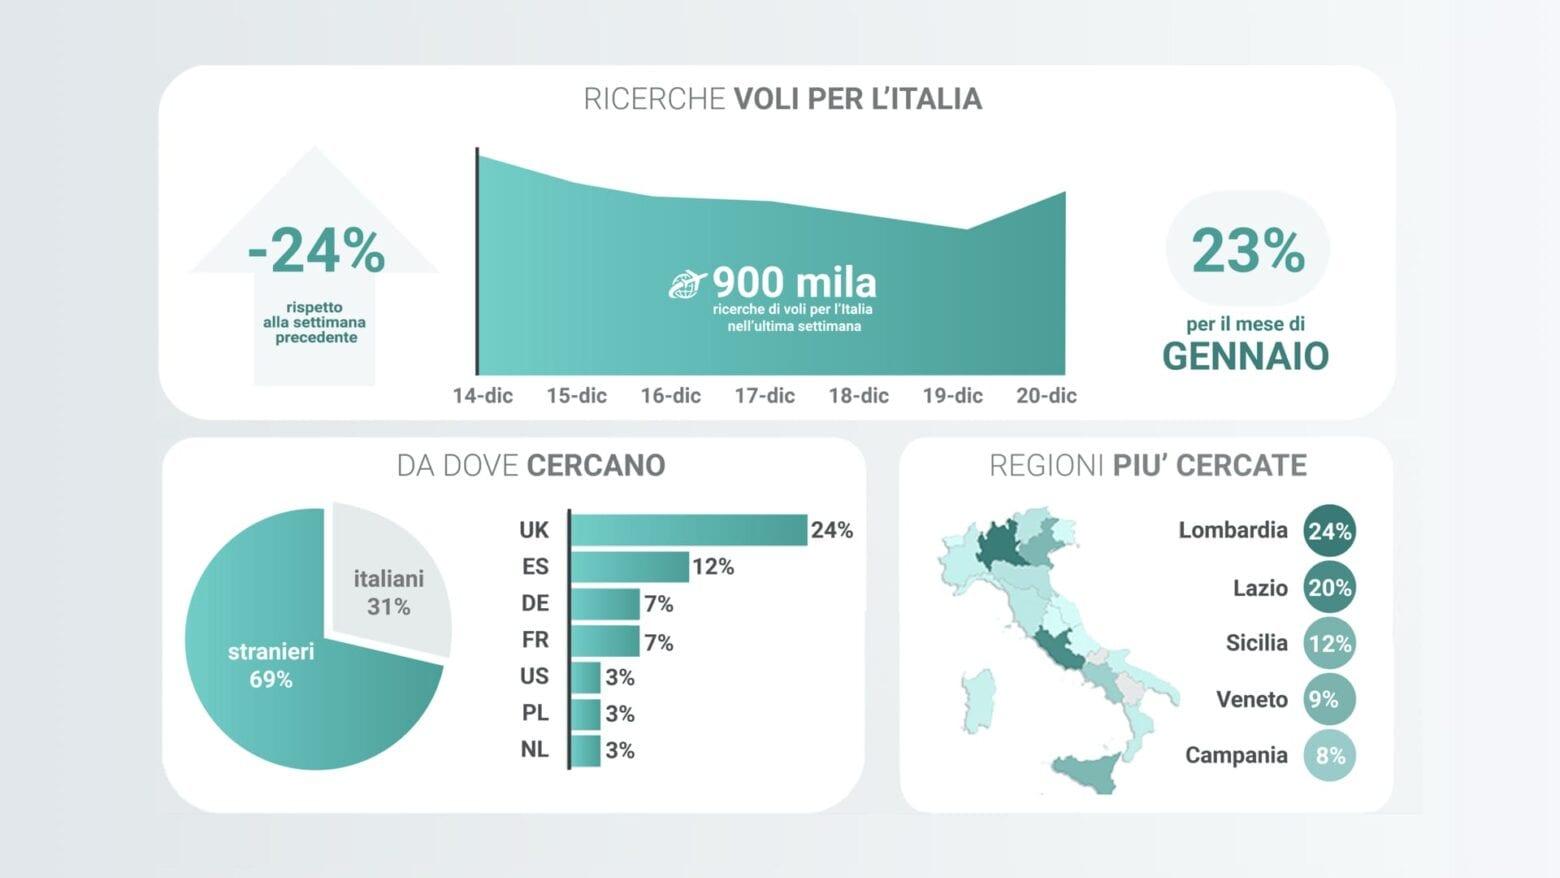 Ricerche voli dei turisti per l'Italia durante le feste di Natale